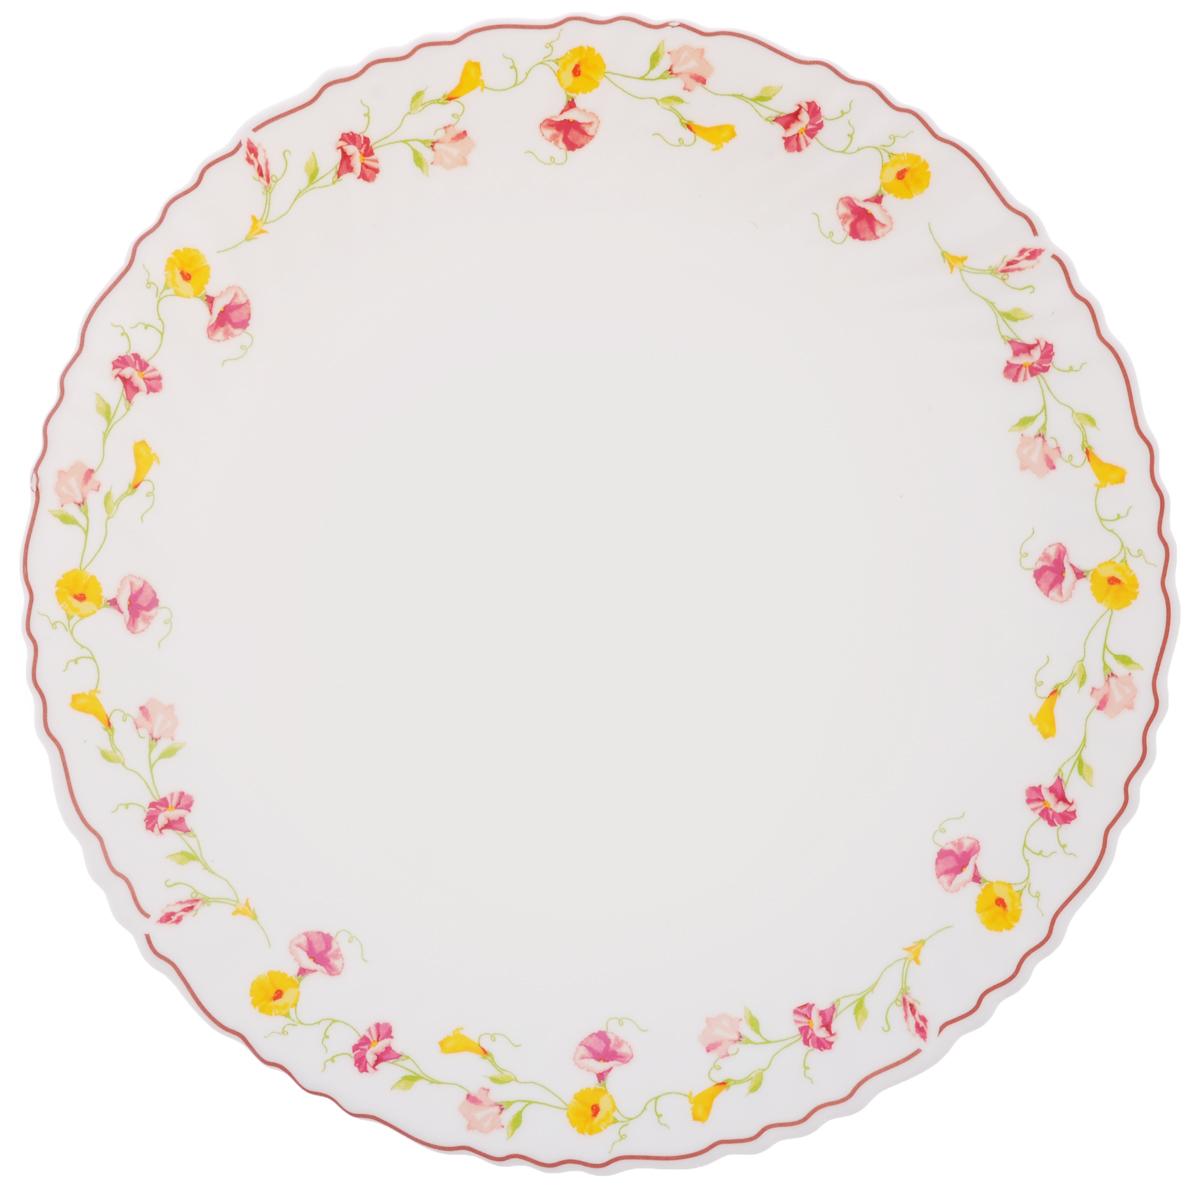 Тарелка обеденная Chinbull Эльзас, диаметр 24 смOLHP-95/308Обеденная тарелка Chinbull Эльзас, изготовленная из высококачественной стеклокерамики, украшена ярким цветочным рисунком. Изящный дизайн придется по вкусу и ценителям классики, и тем, кто предпочитает утонченность. Тарелка Chinbull Эльзас идеально подойдет для сервировки стола и станет отличным подарком к любому празднику.Диаметр (по верхнему краю): 24 см.